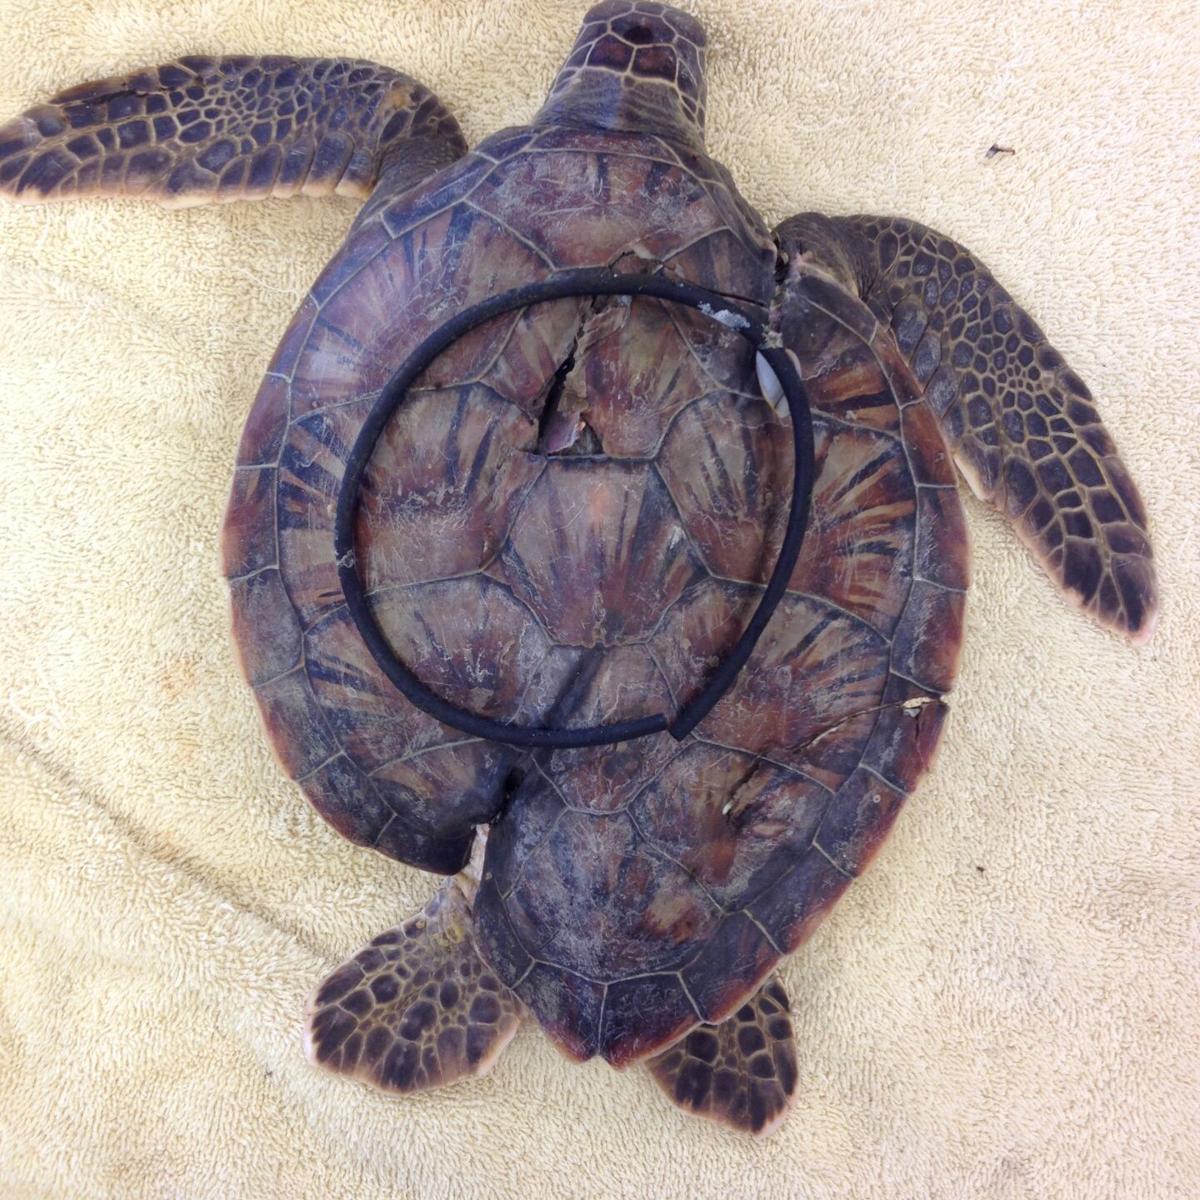 Deformed turtle